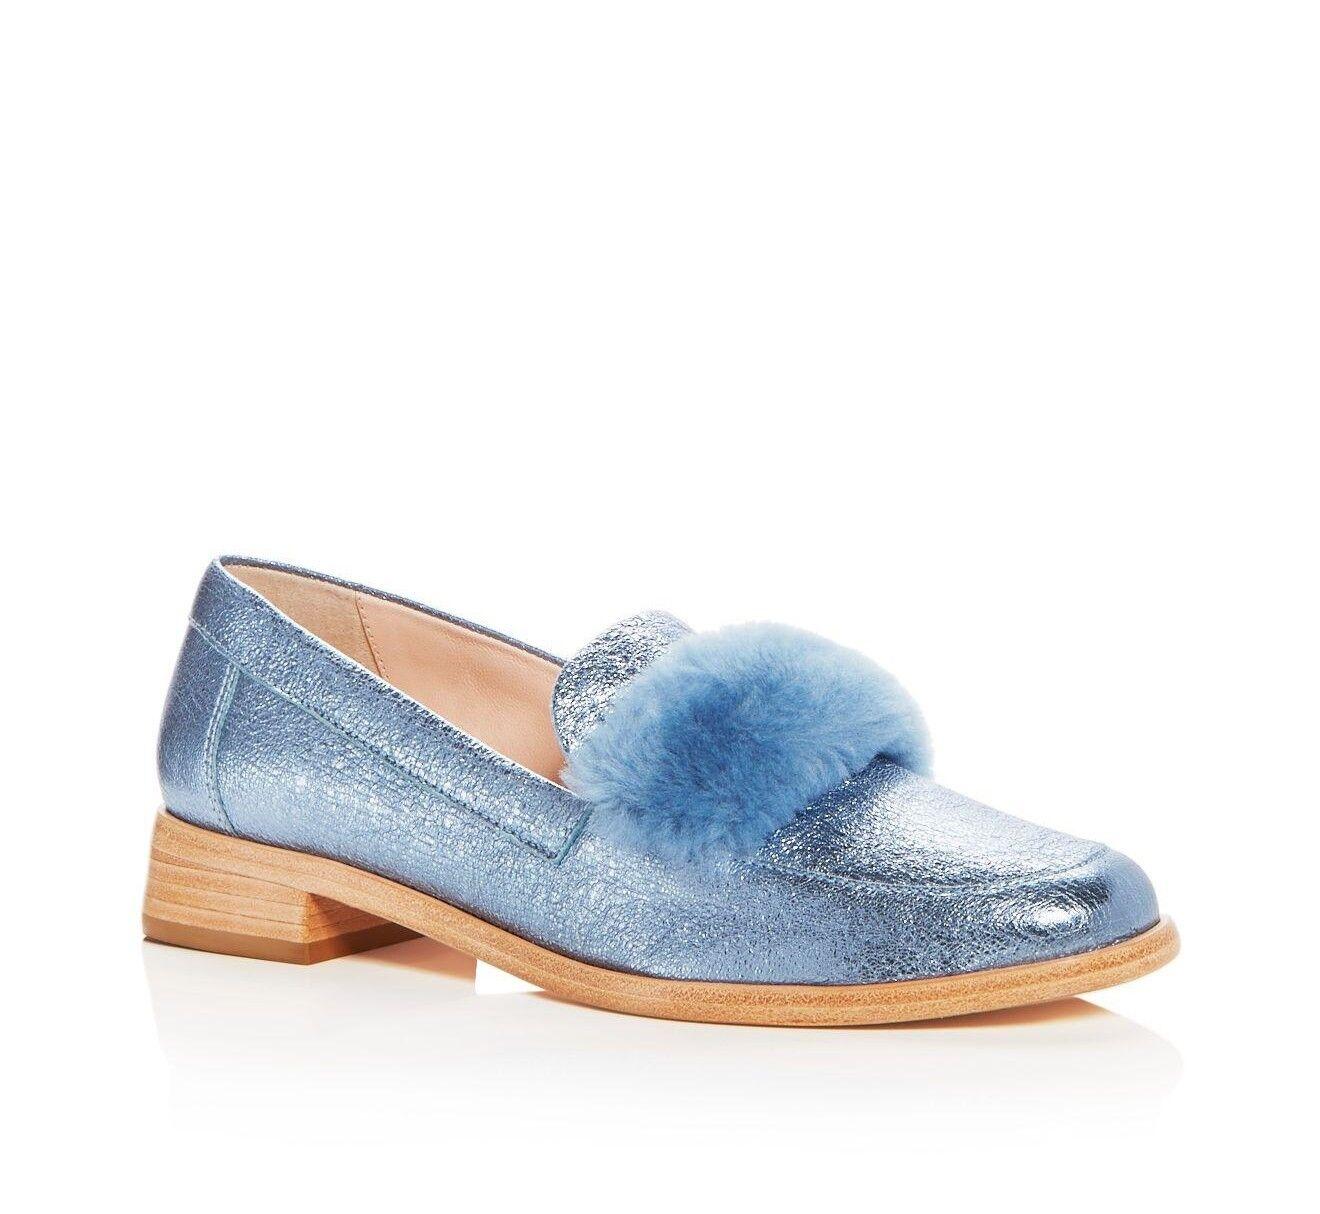 Loeffler Randall 7 Greta Metálico de Cuero Mocasines zapatos de piel de oveja Splash Azul